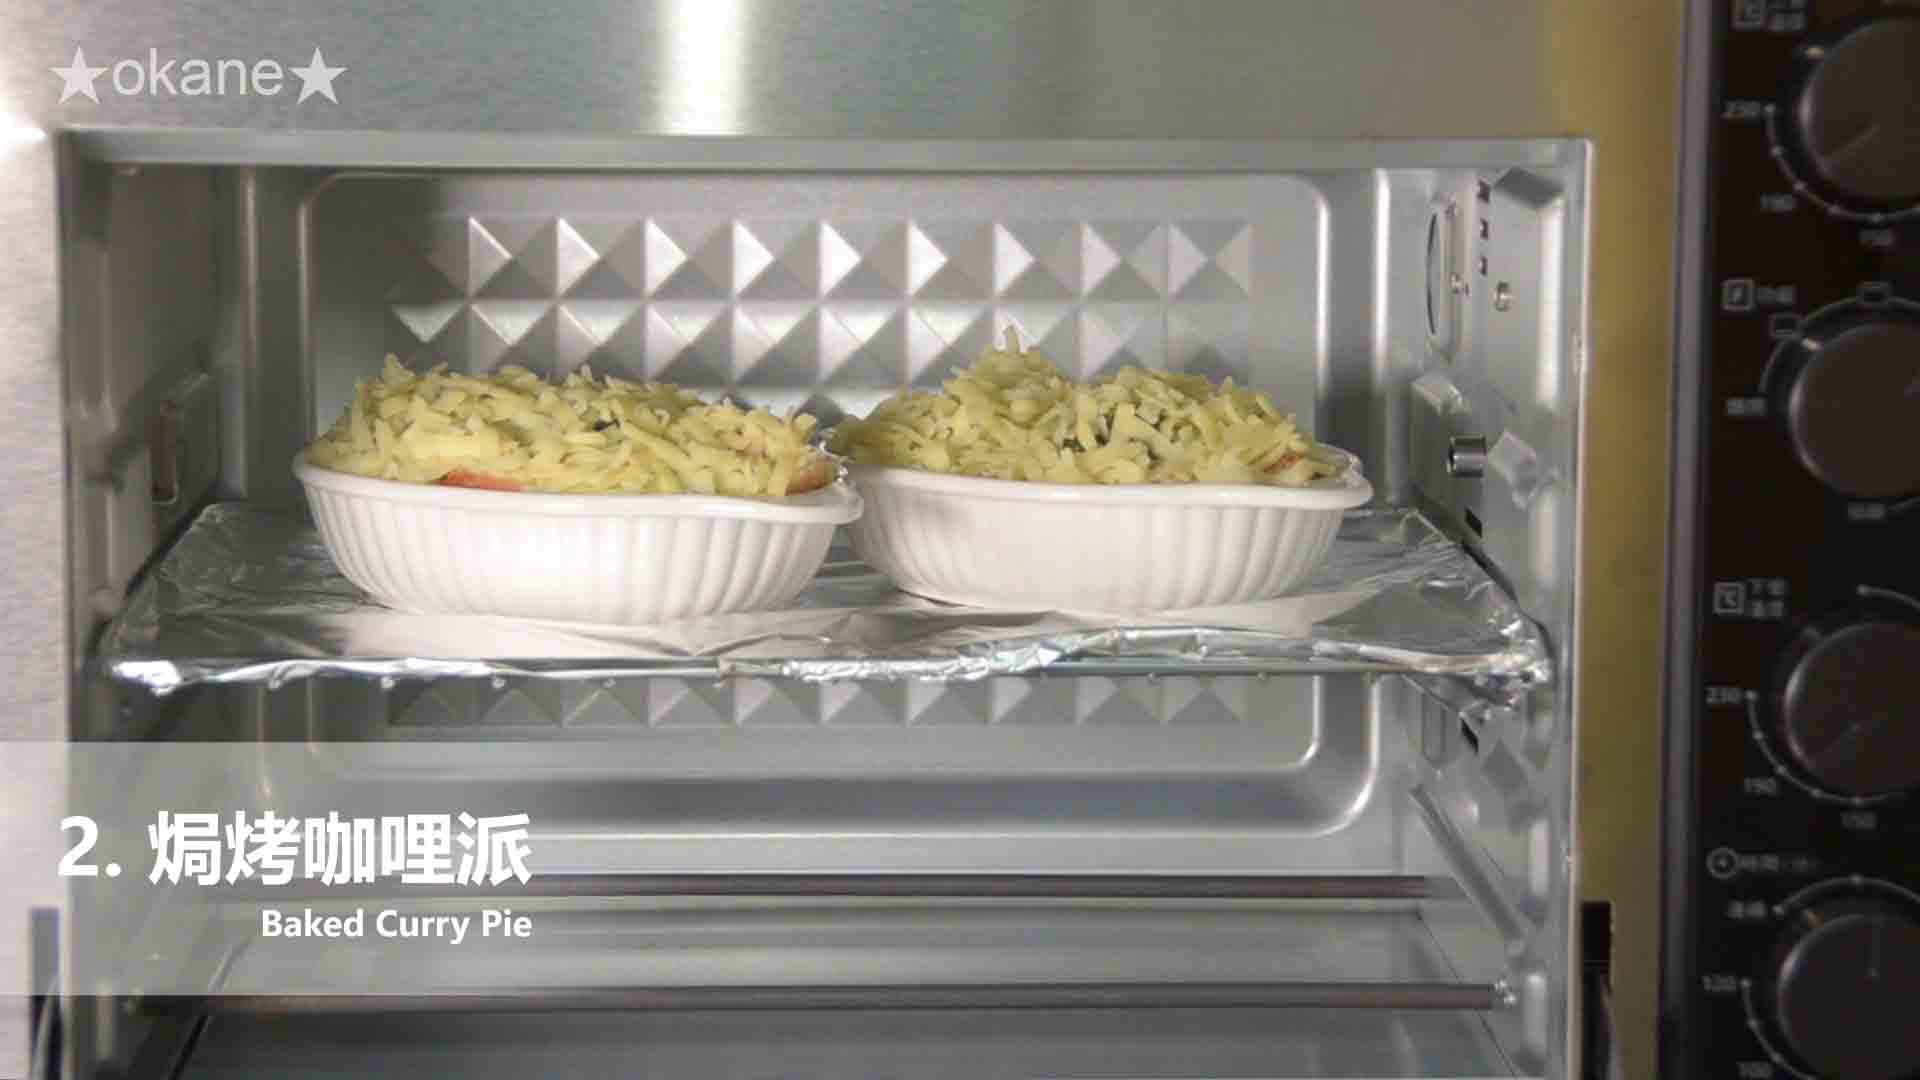 日系S&B金牌(純素)咖哩✨跨界蔬食的美味驚艷的第 30 張圖片